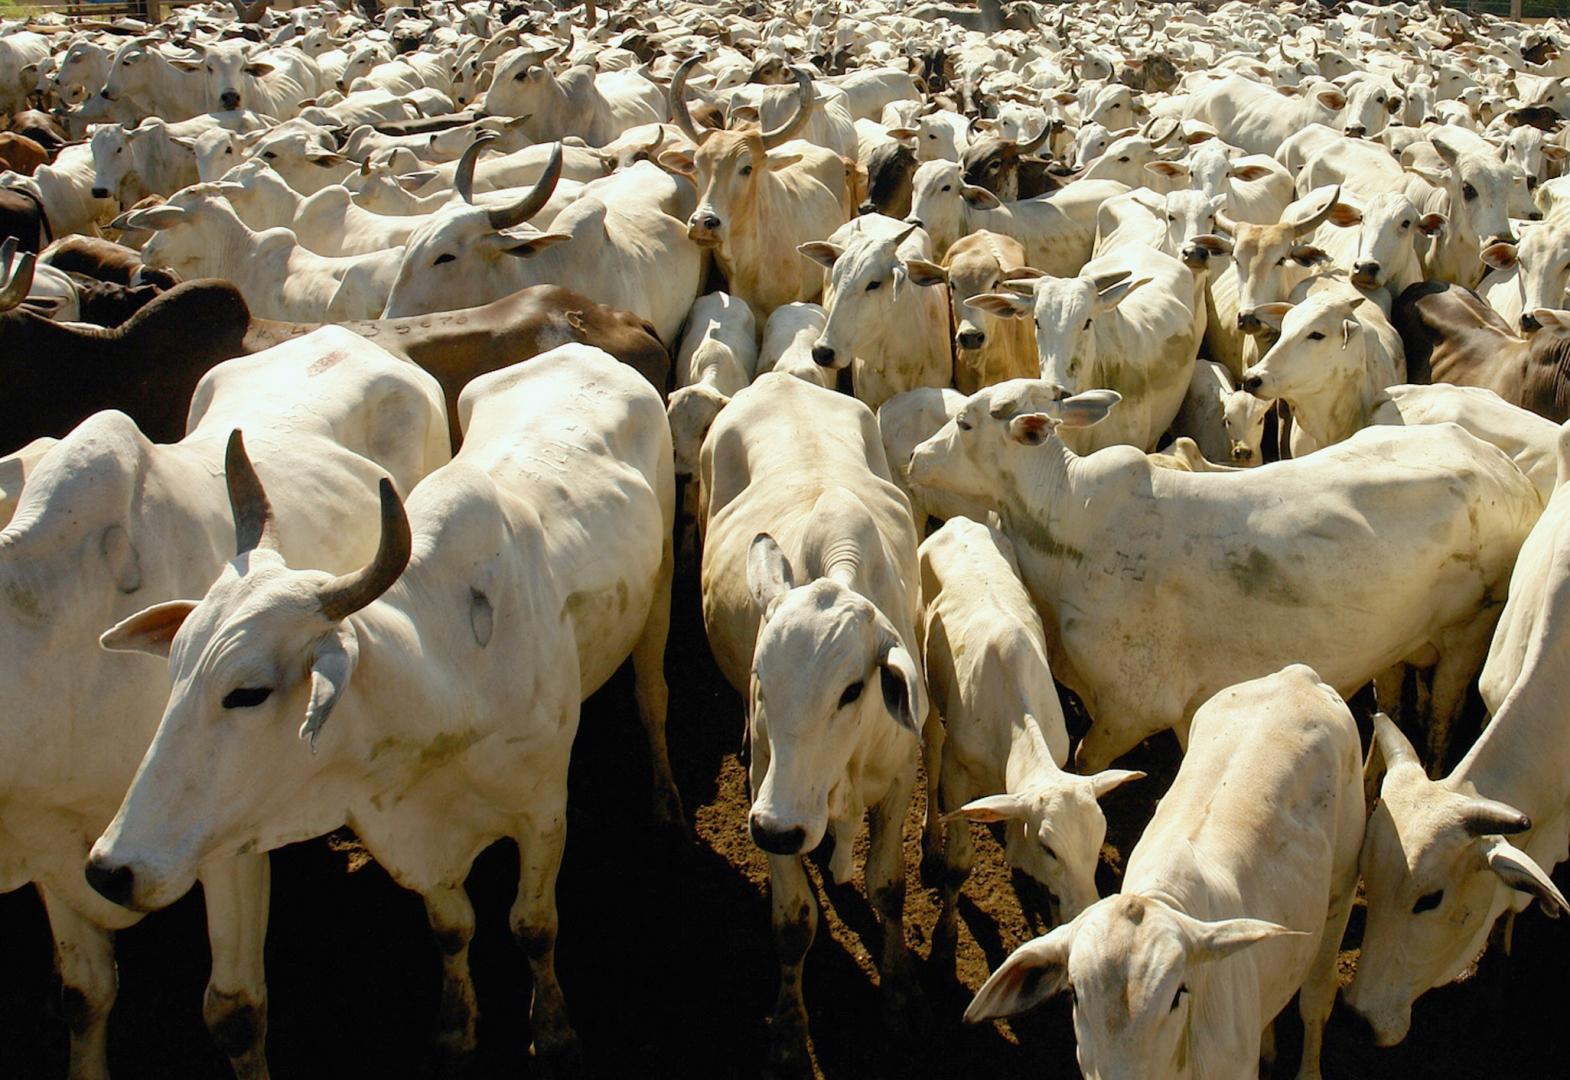 подумать, стадо коров картинка англии мечтают